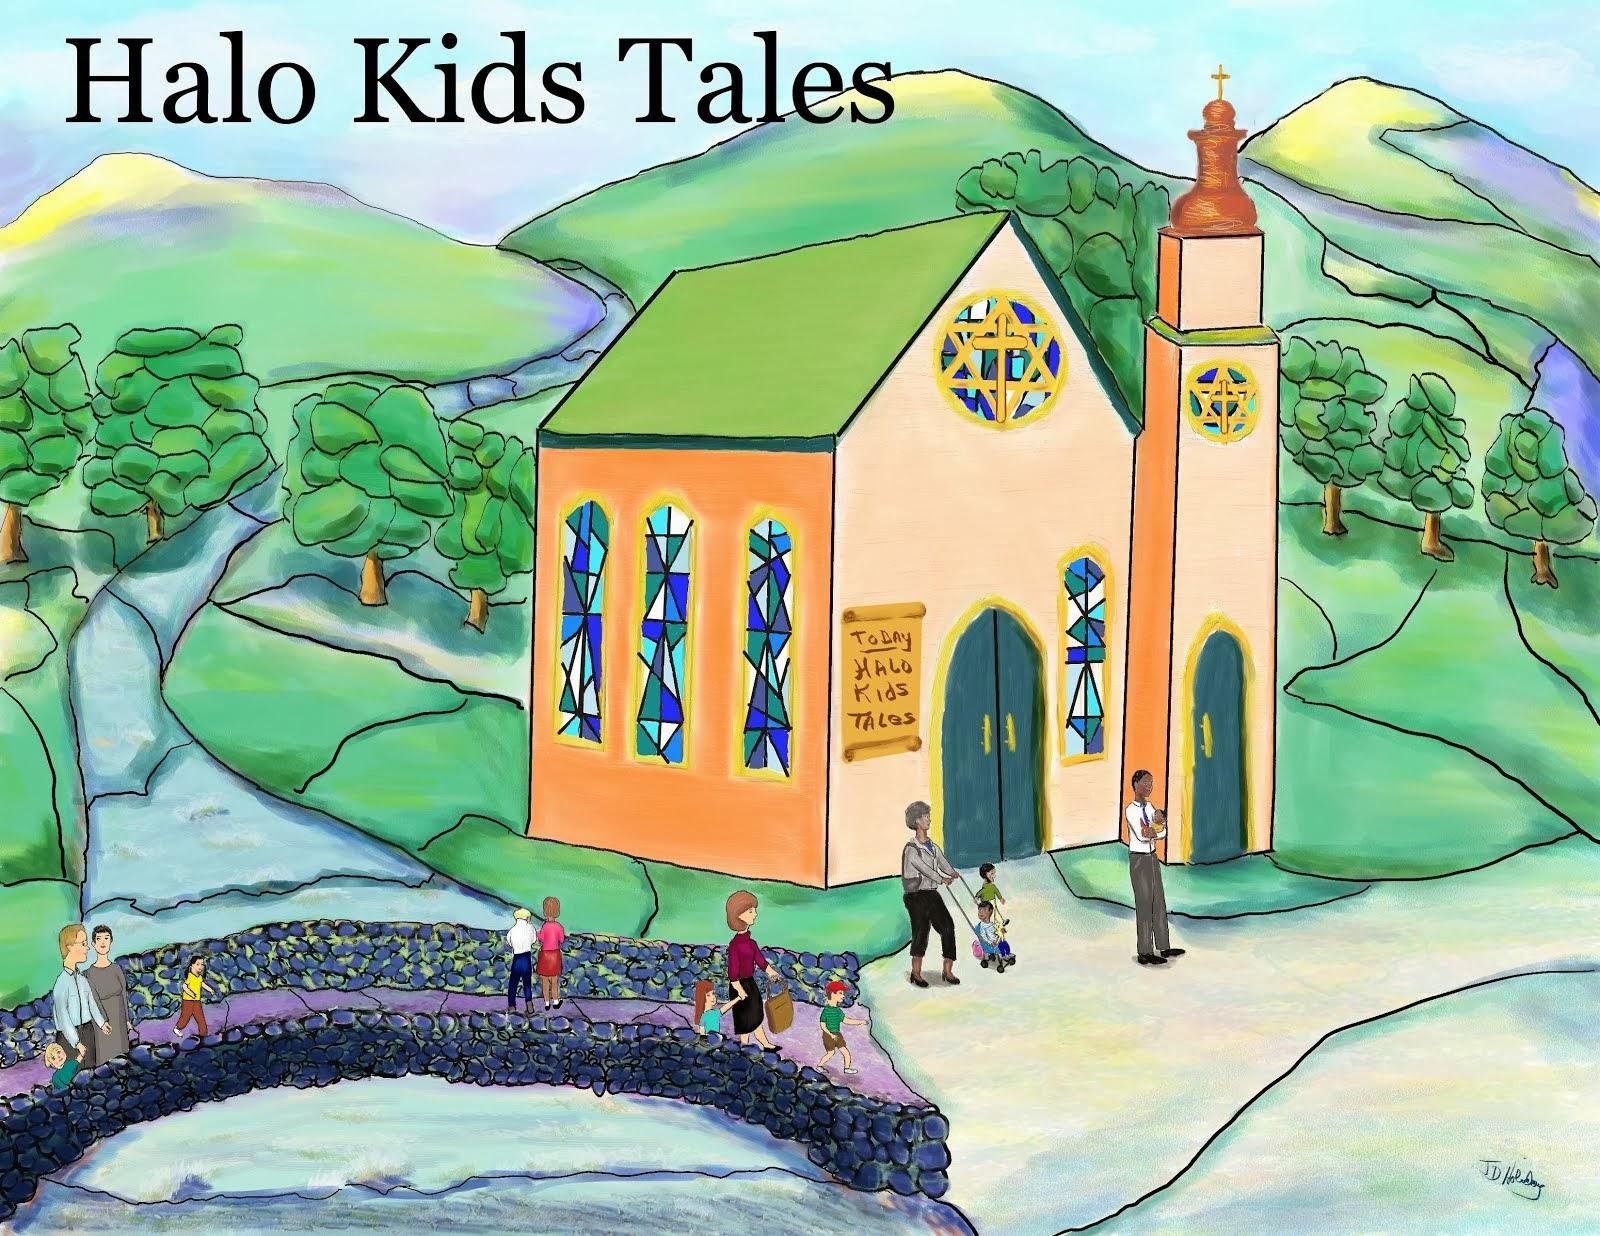 Halo Kids Tales